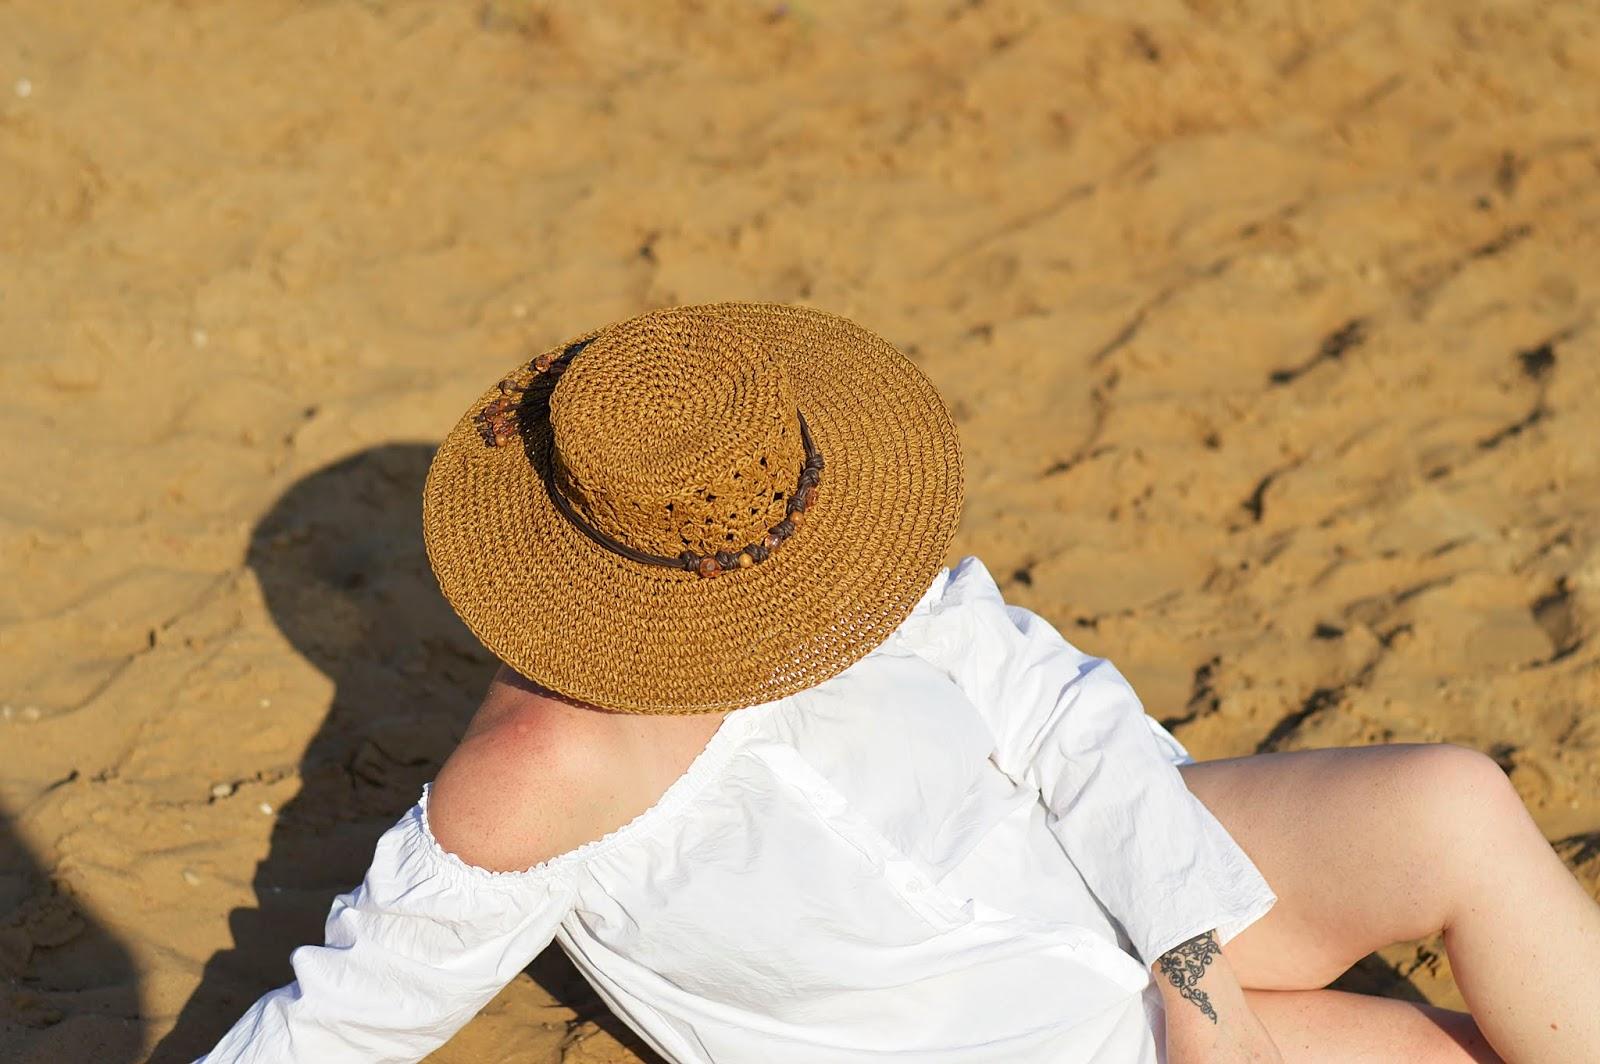 Słomkowy kapelusz, staw hat, white shirt, biała koszula